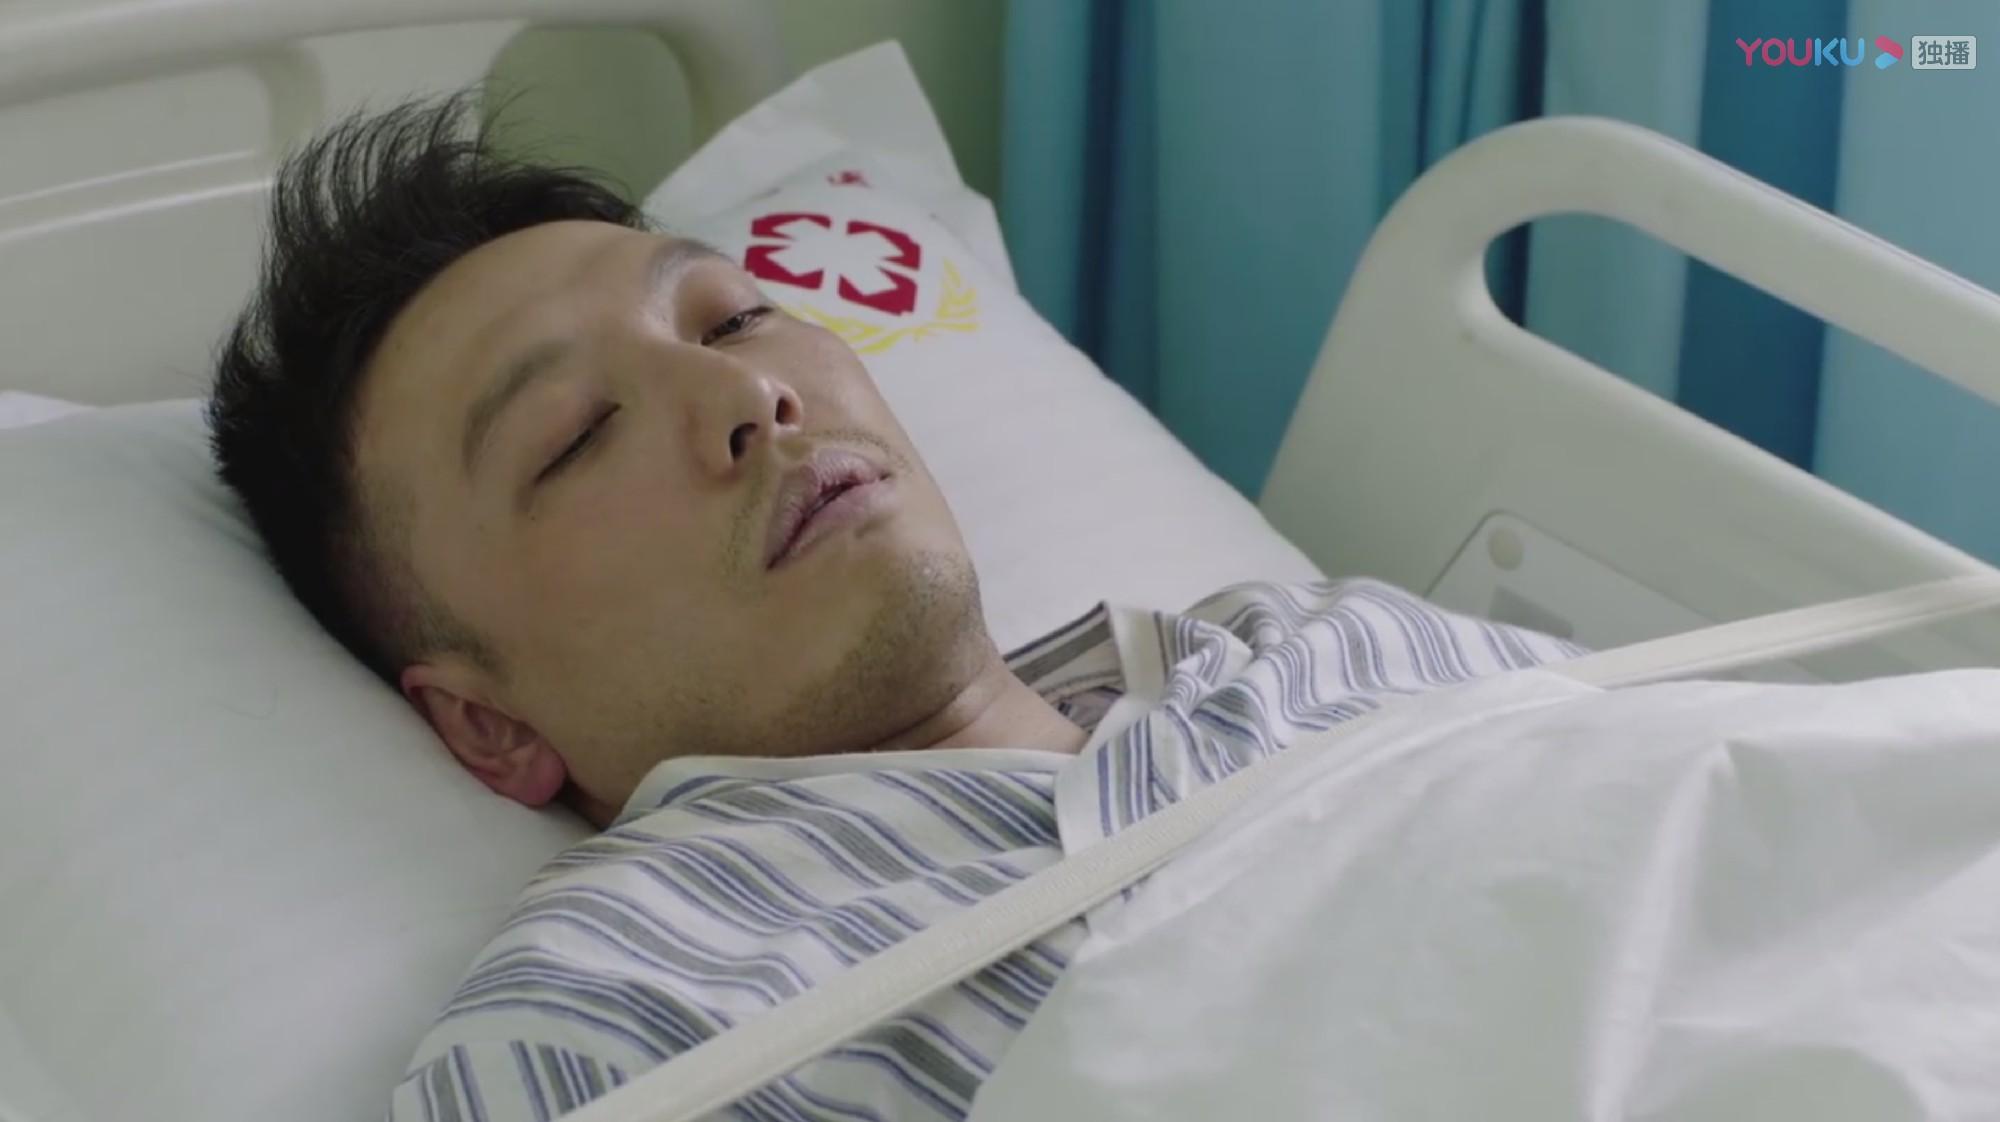 赵震宇《读心》塑造病患角色 精湛演技获好评